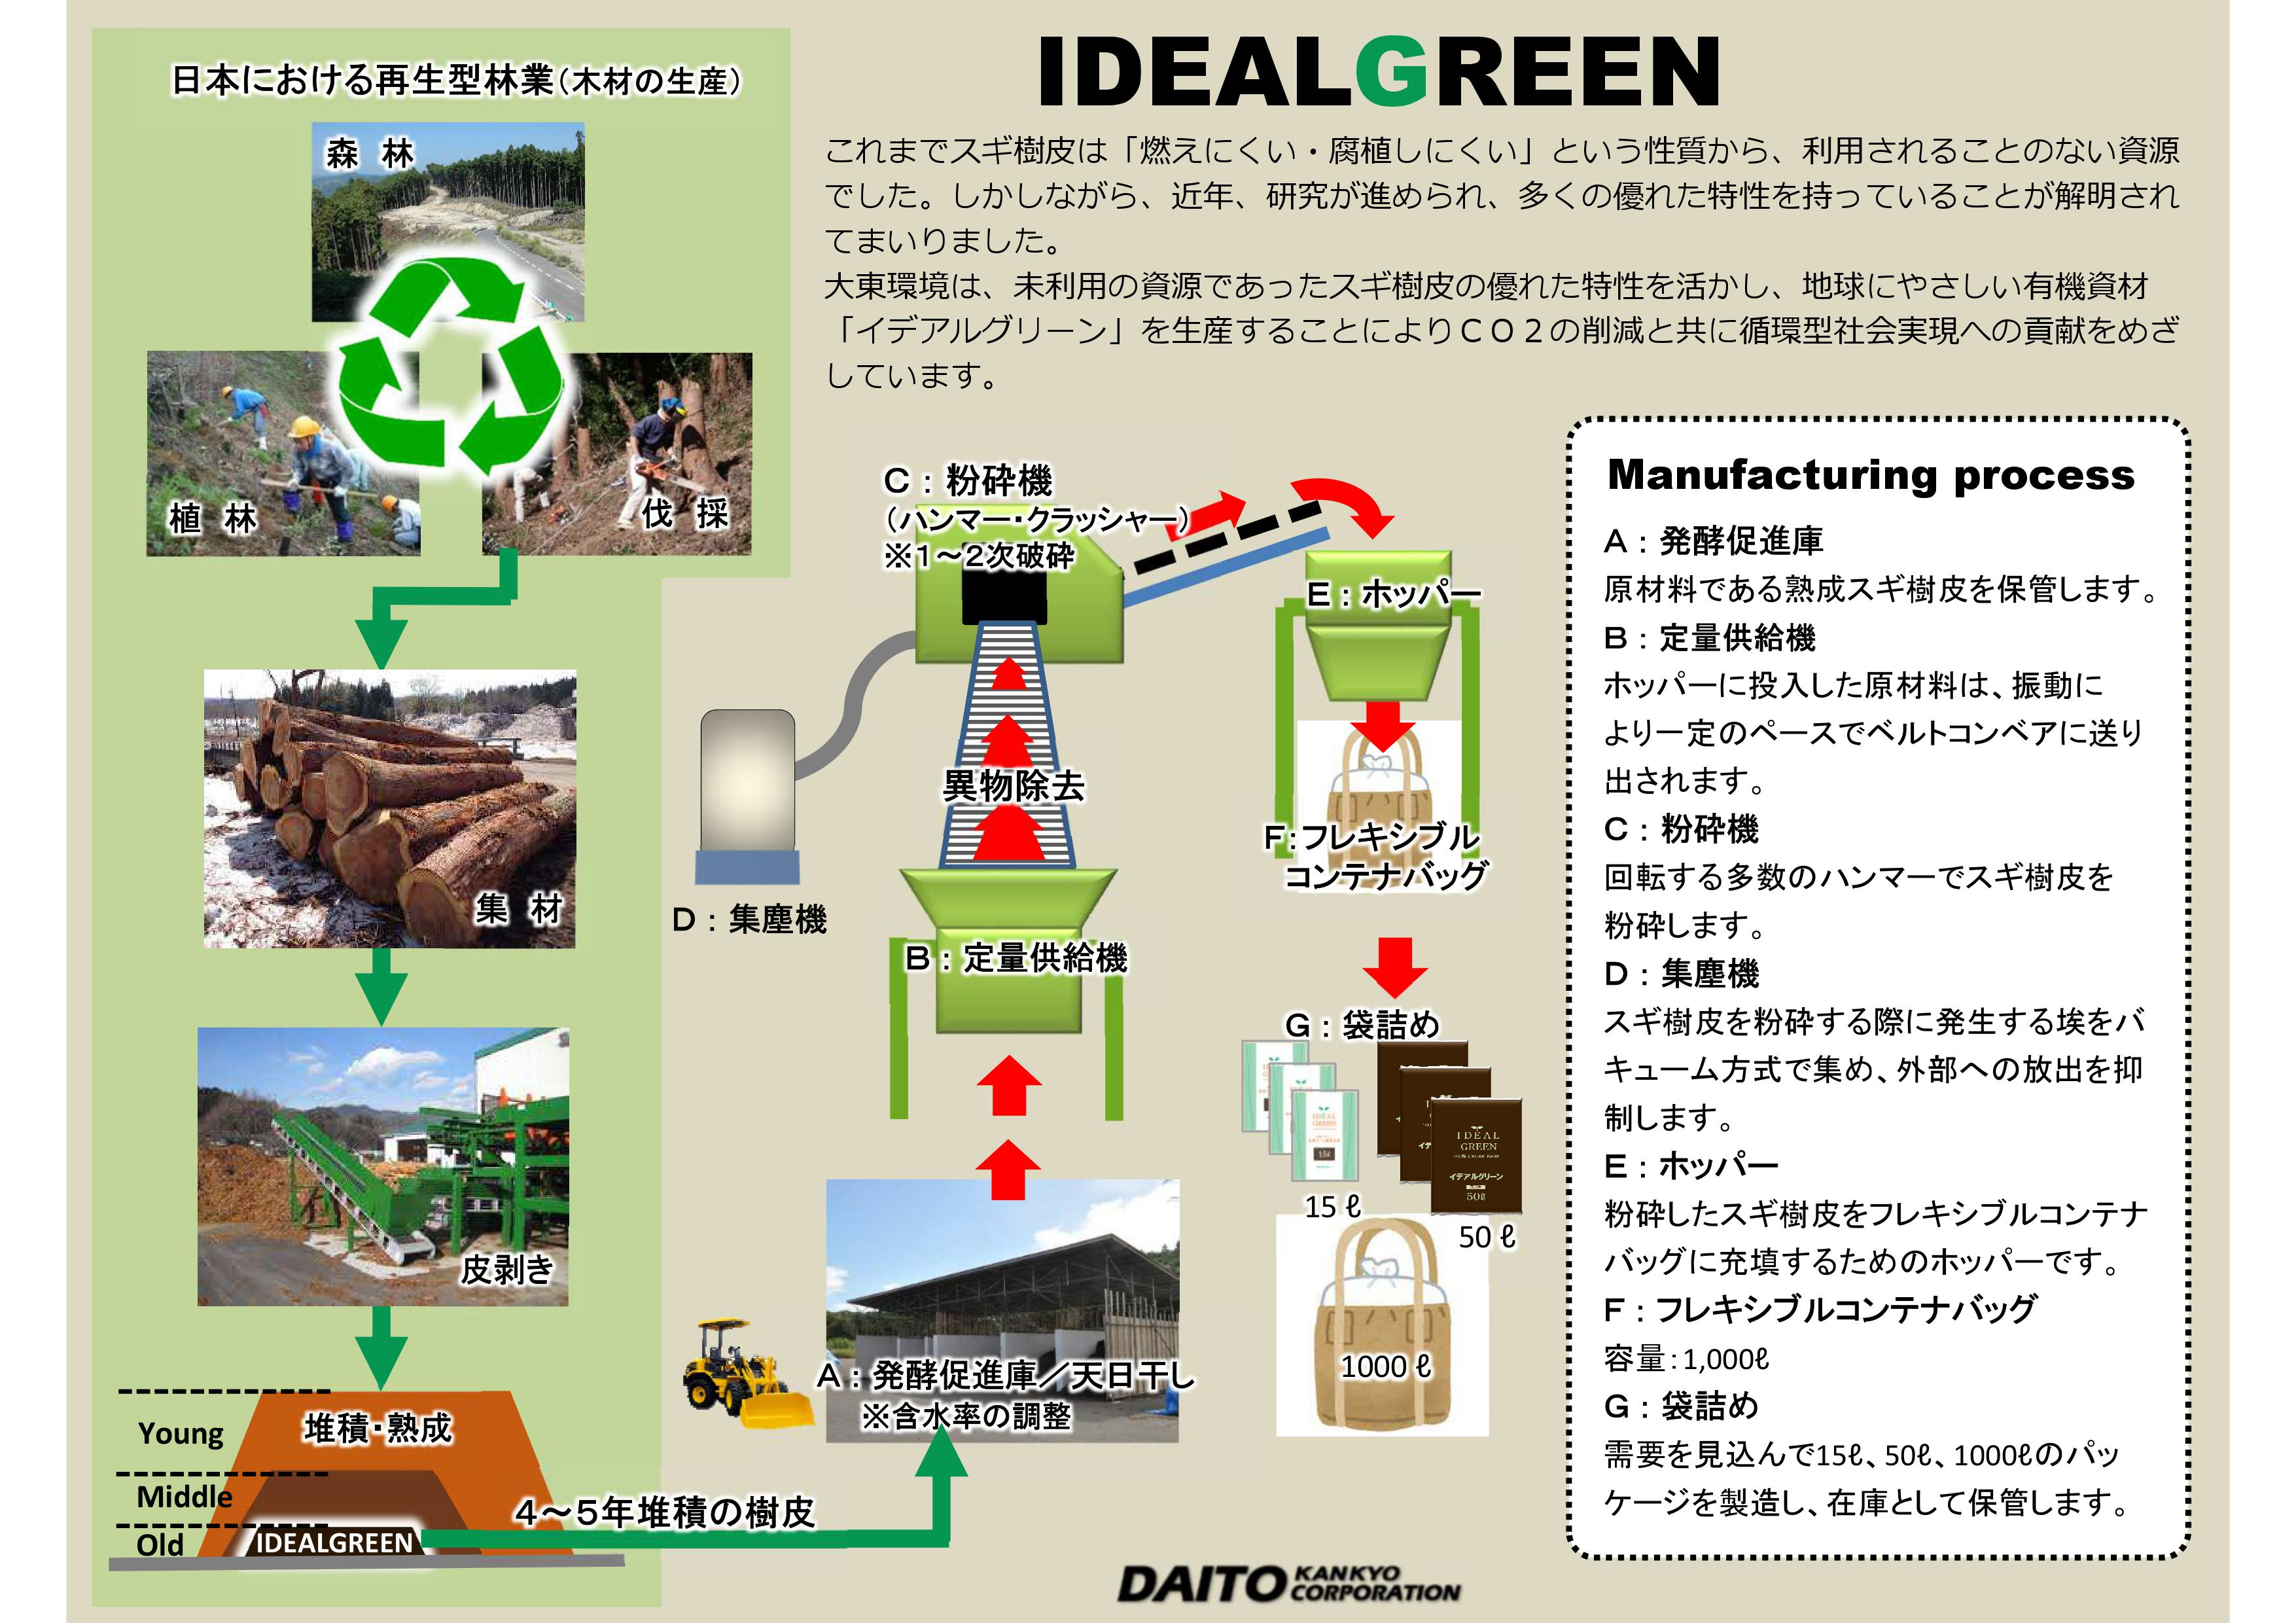 イデアルグリーンの製造工程:画像